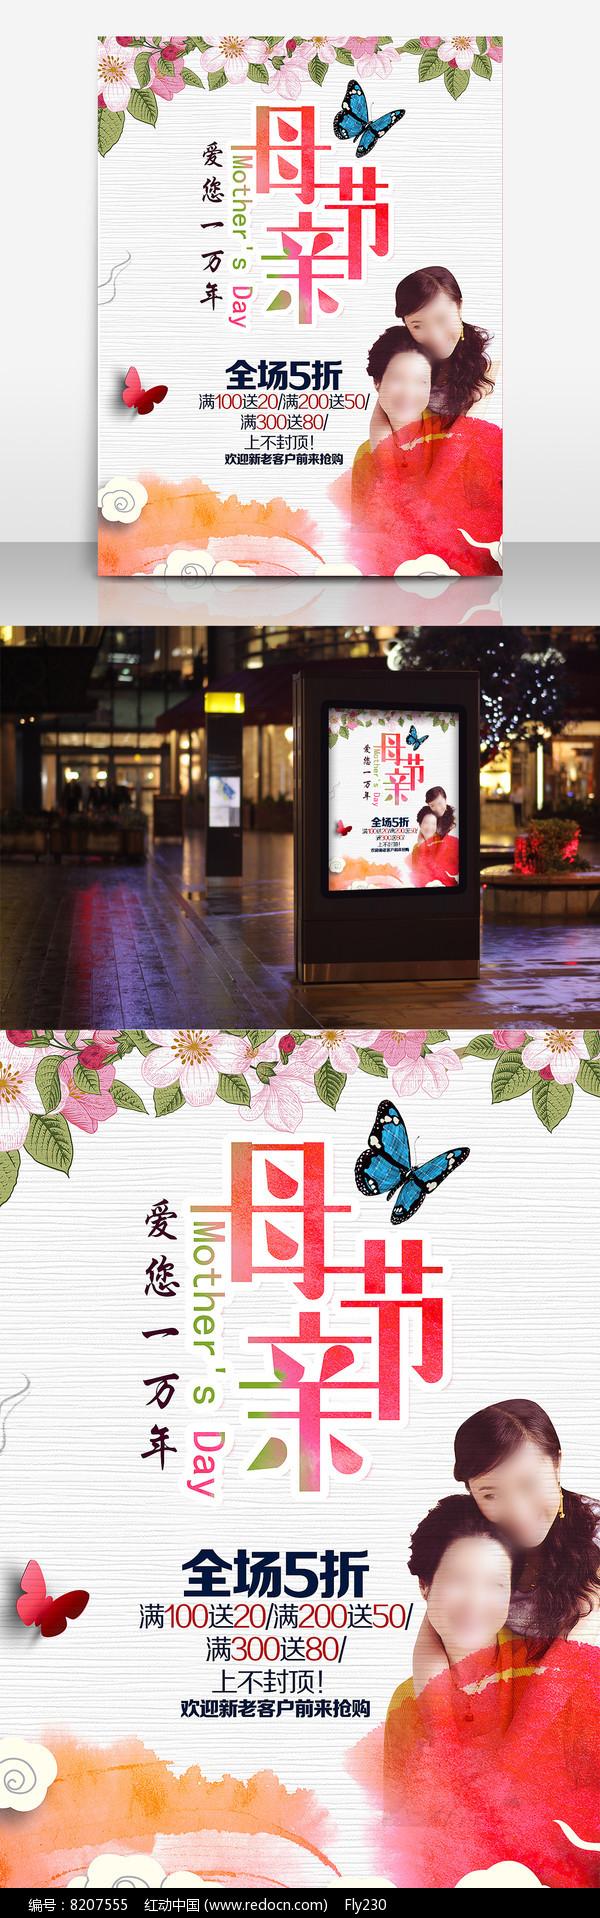 感恩母亲节促销海报图片